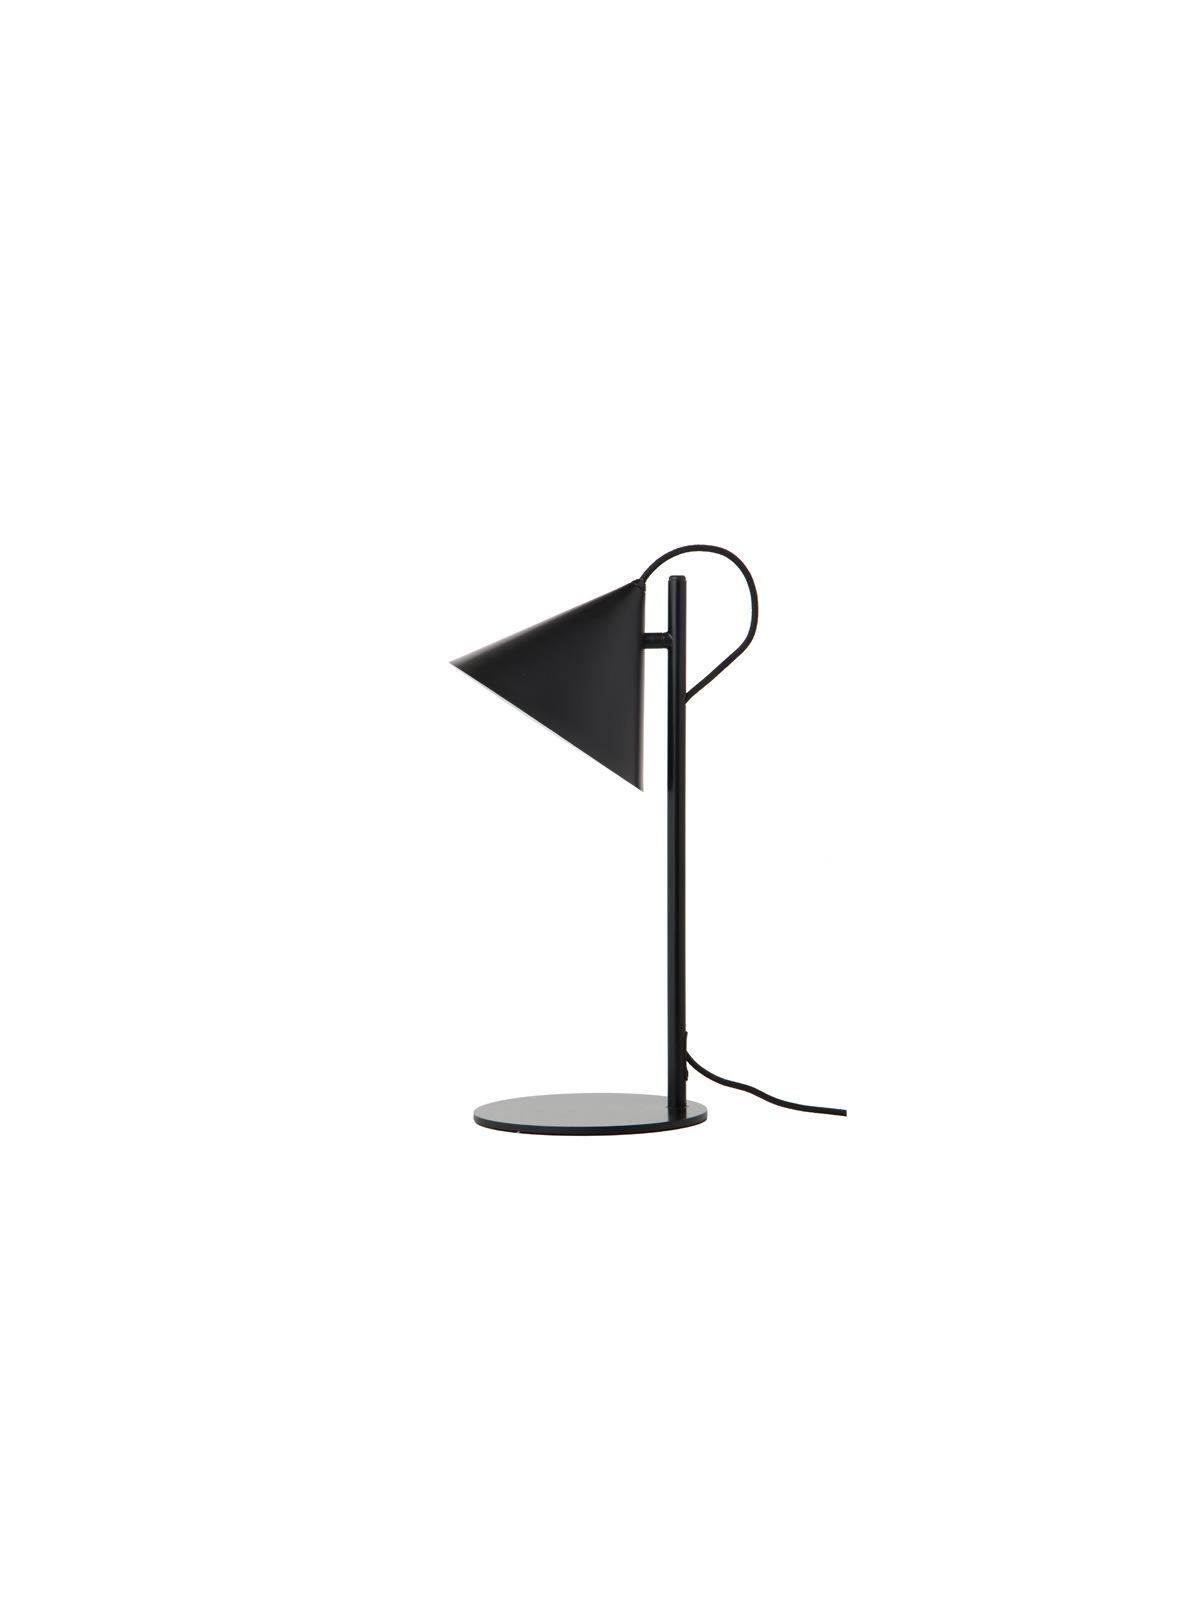 Benjamin Table Schwarz Frandsen Tischlampe DesignOrt Designerleuchten Berlin Onlineshop